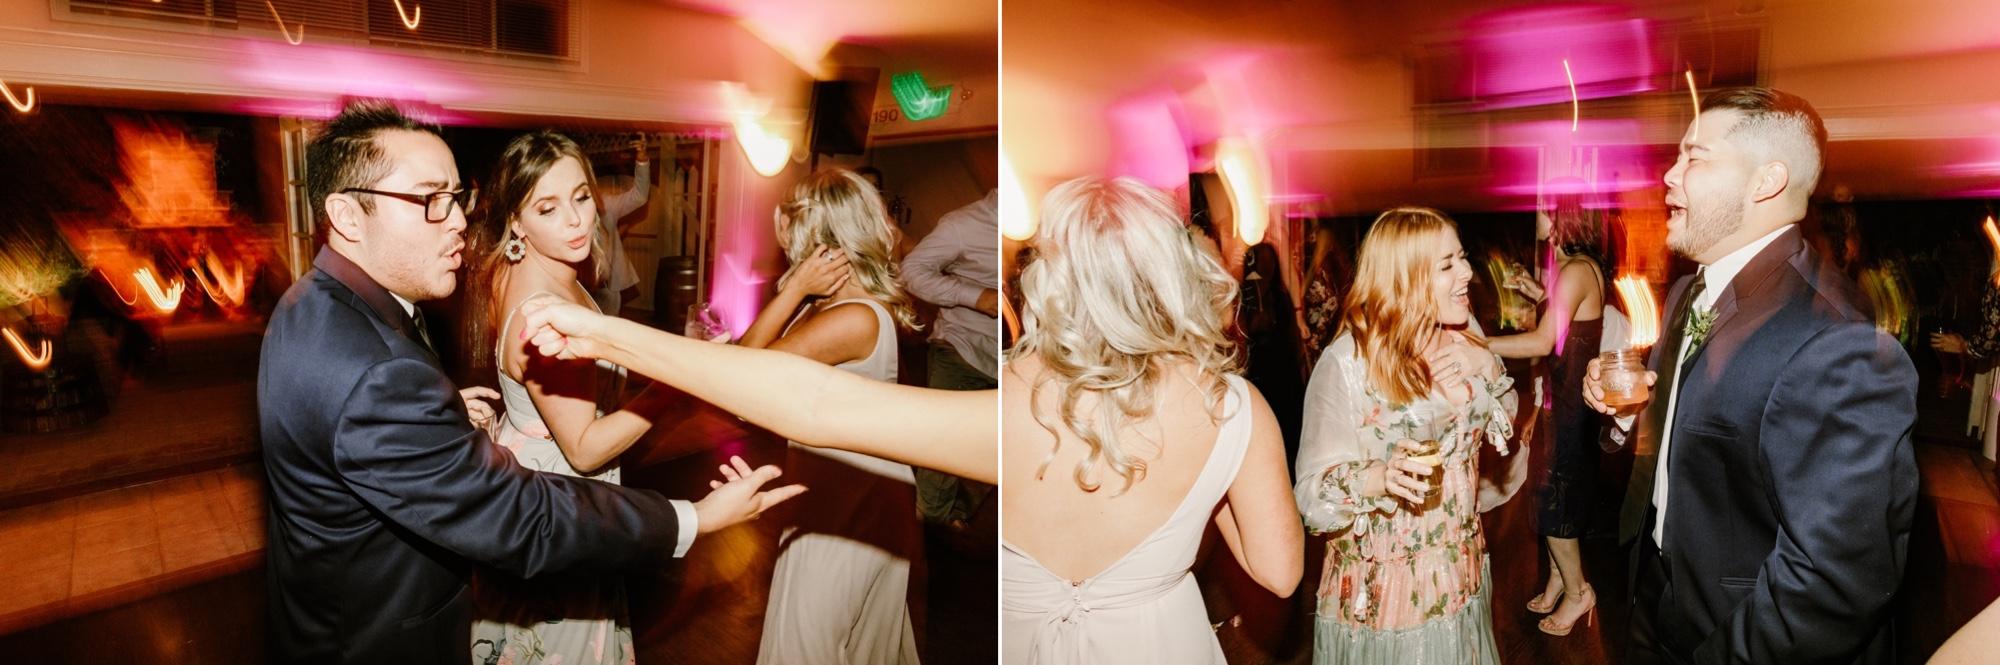 95_Ally and Tommy's Wedding-654_Ally and Tommy's Wedding-669.jpg